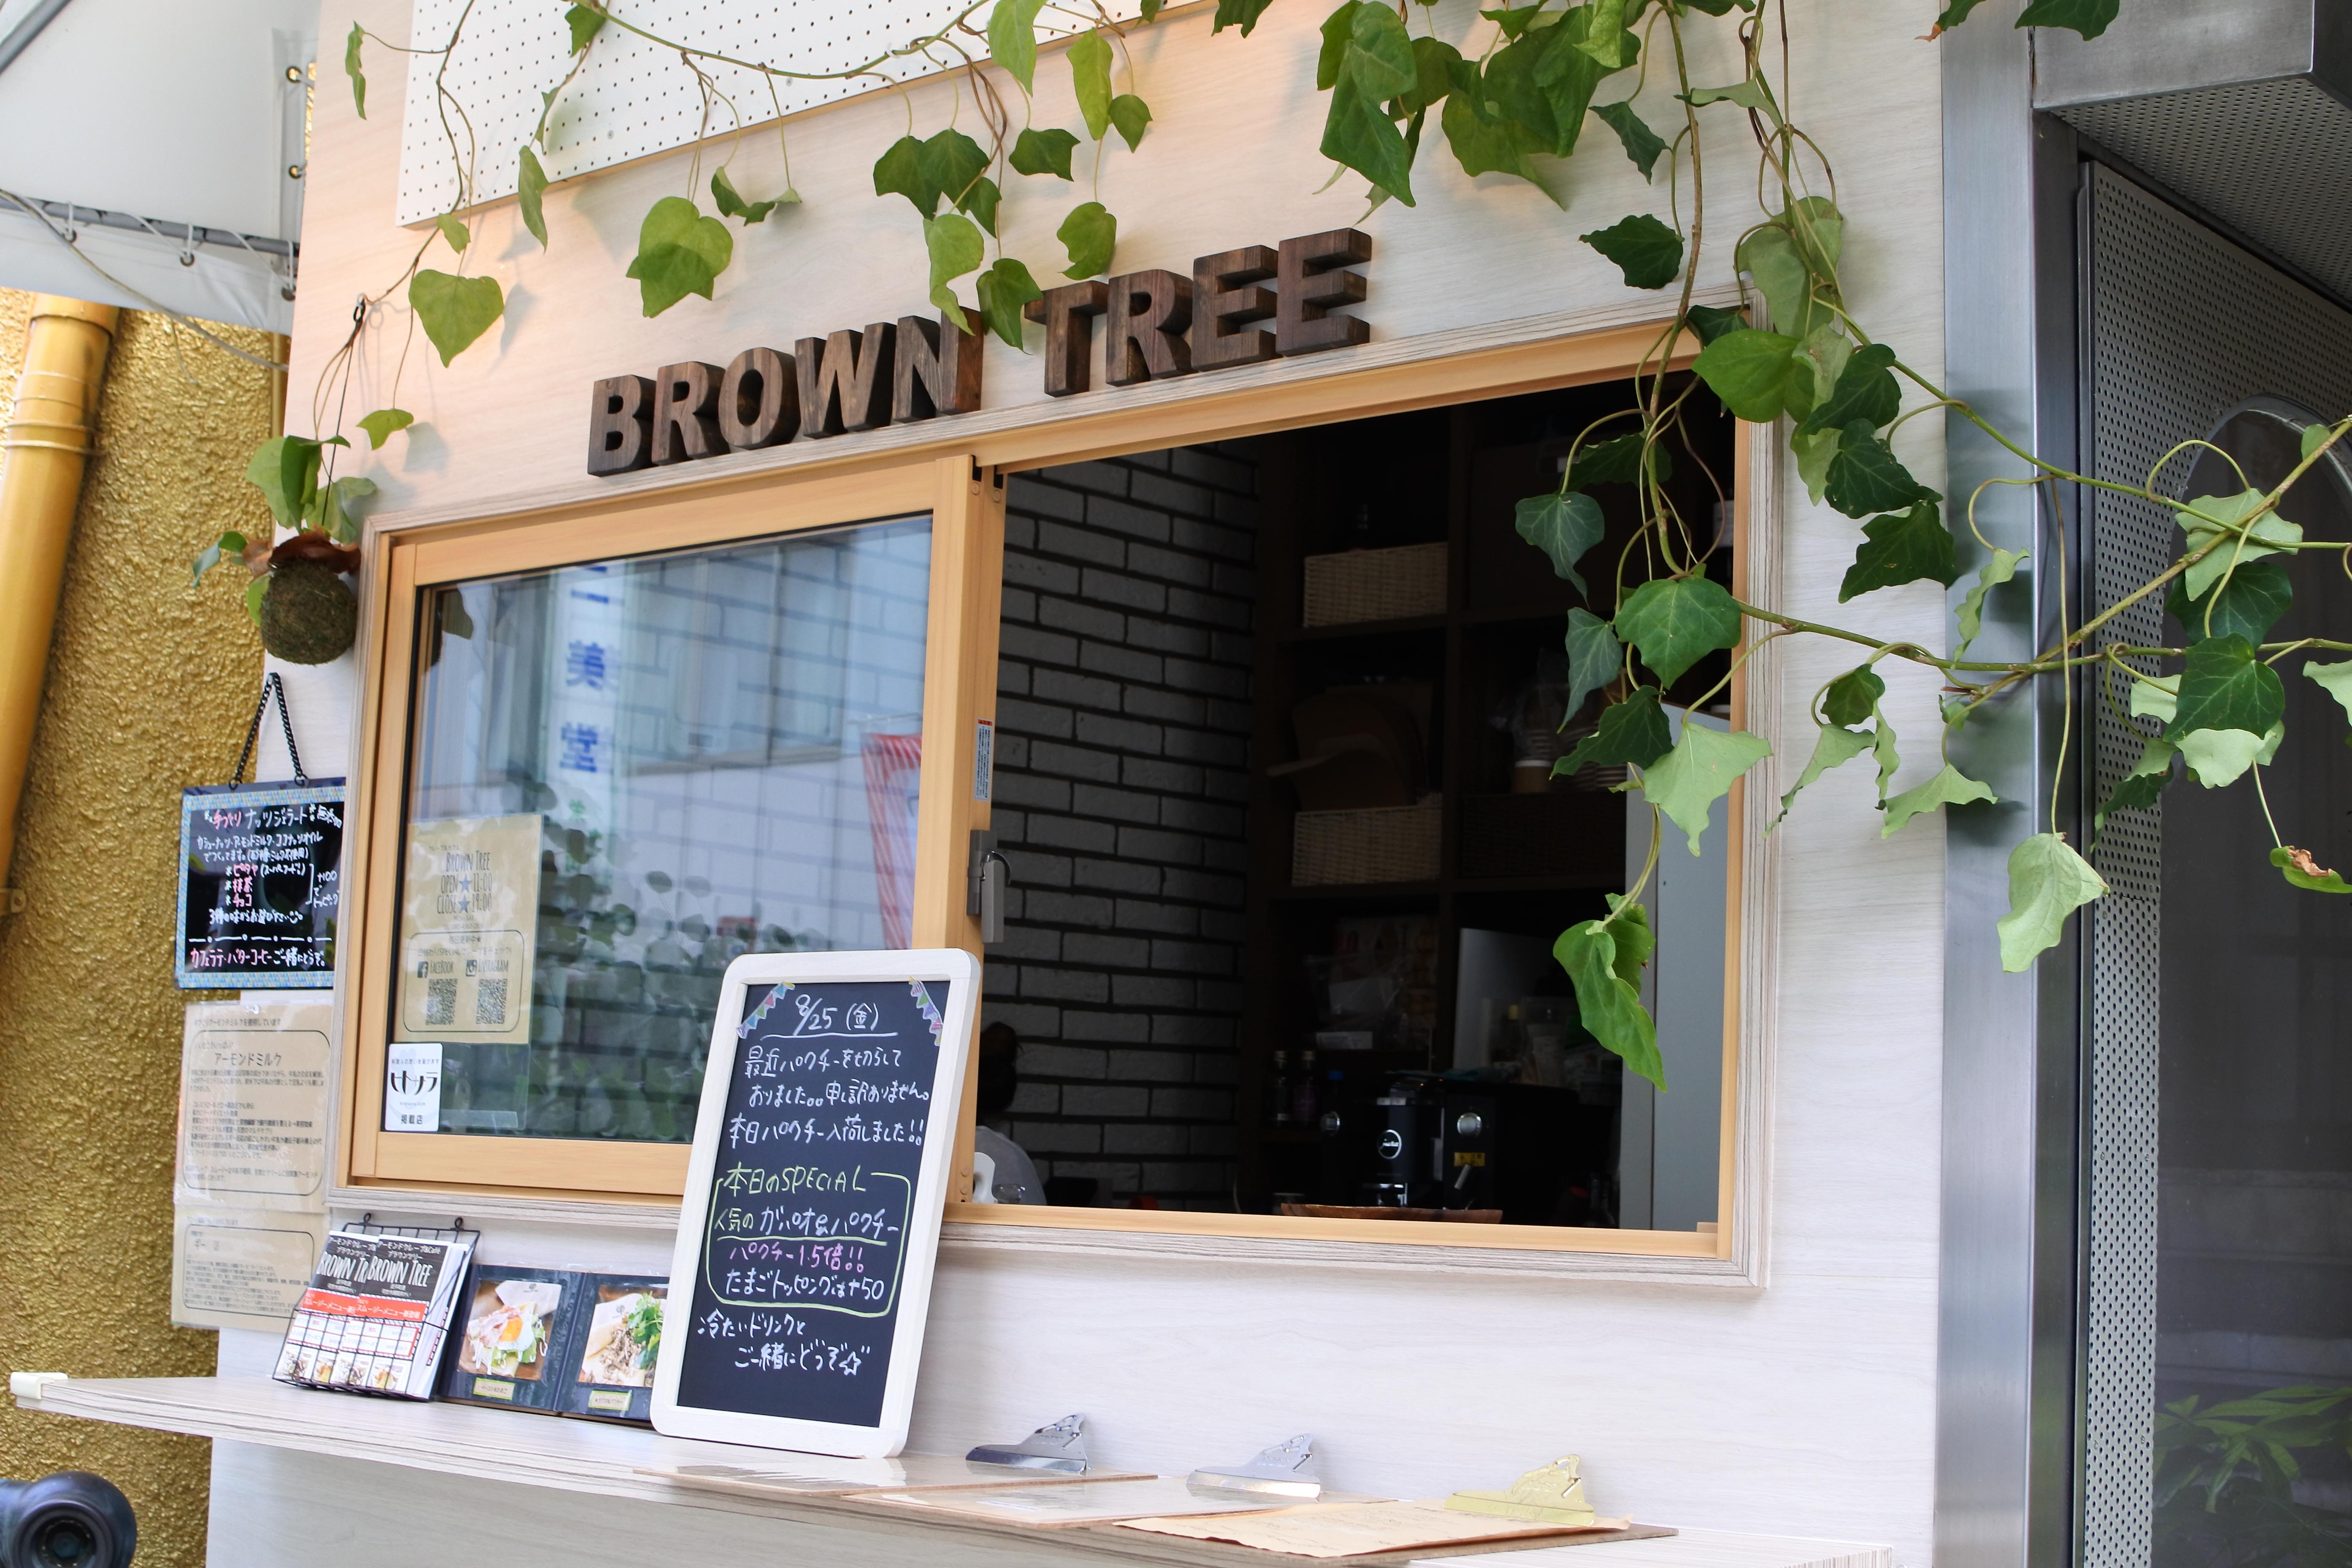 オーガニッククレープ専門店『ブラウンツリー』。自家製ギーで作るバターコーヒーも - DSC 0542